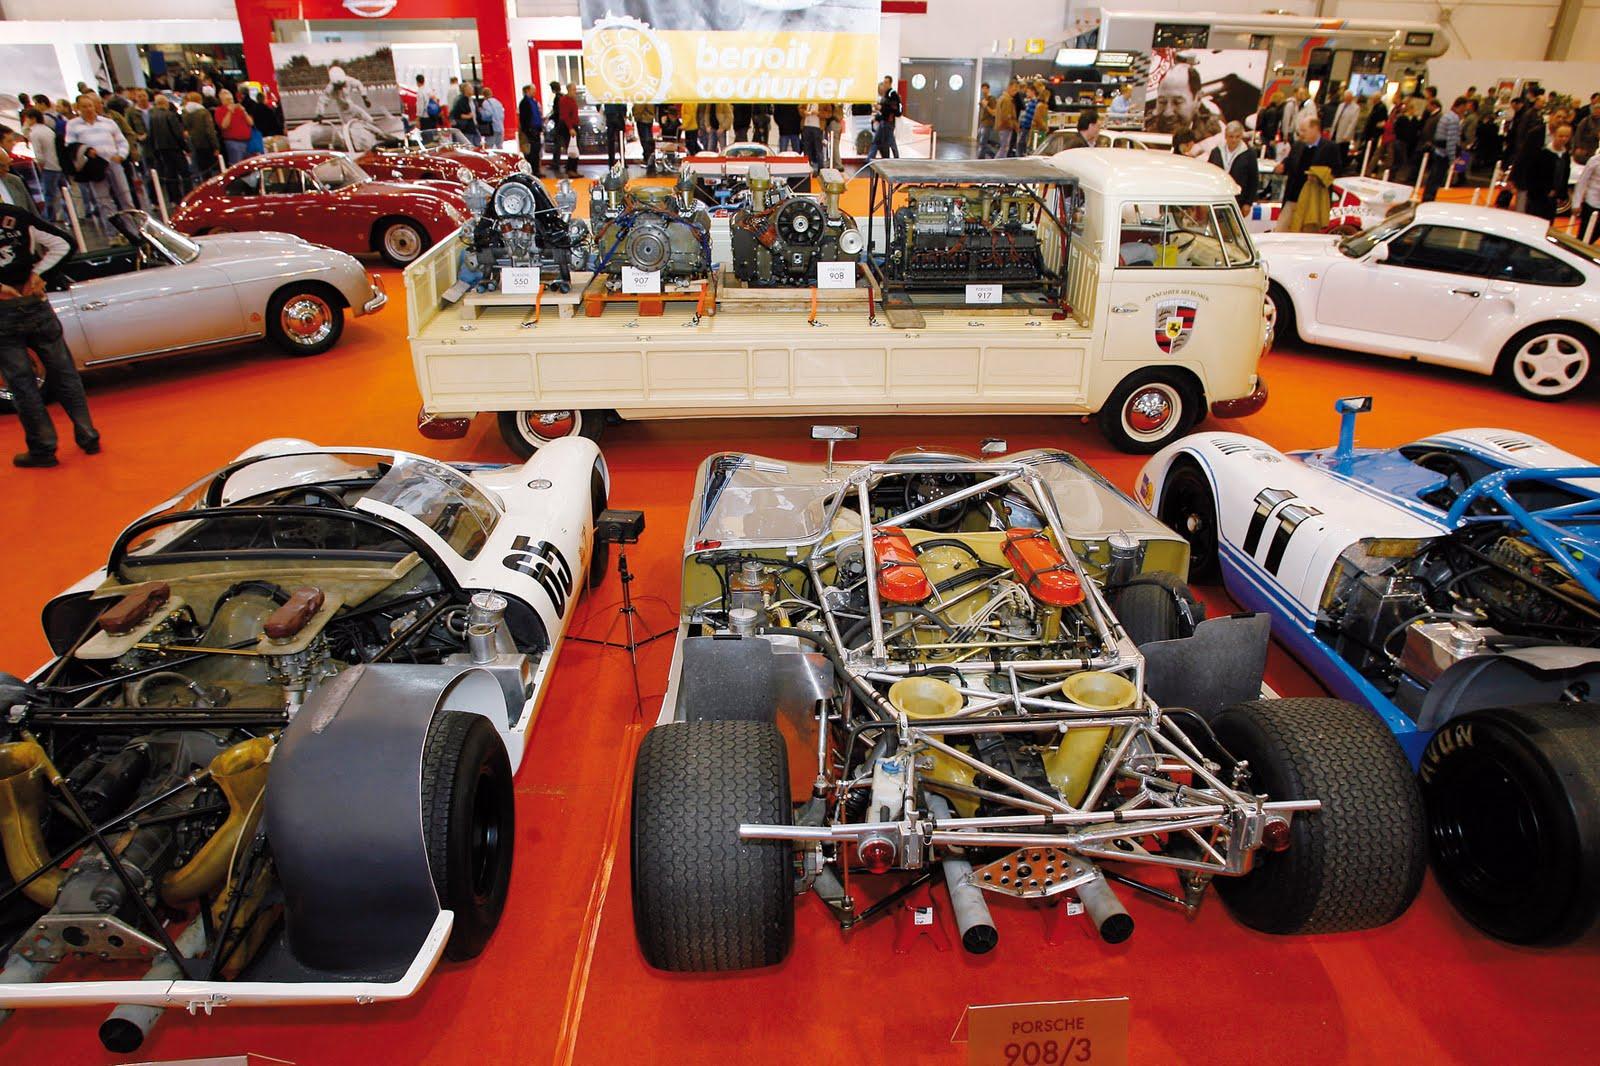 Autocoach vintage news salon techno classica d 39 essen for Salon automobile allemagne